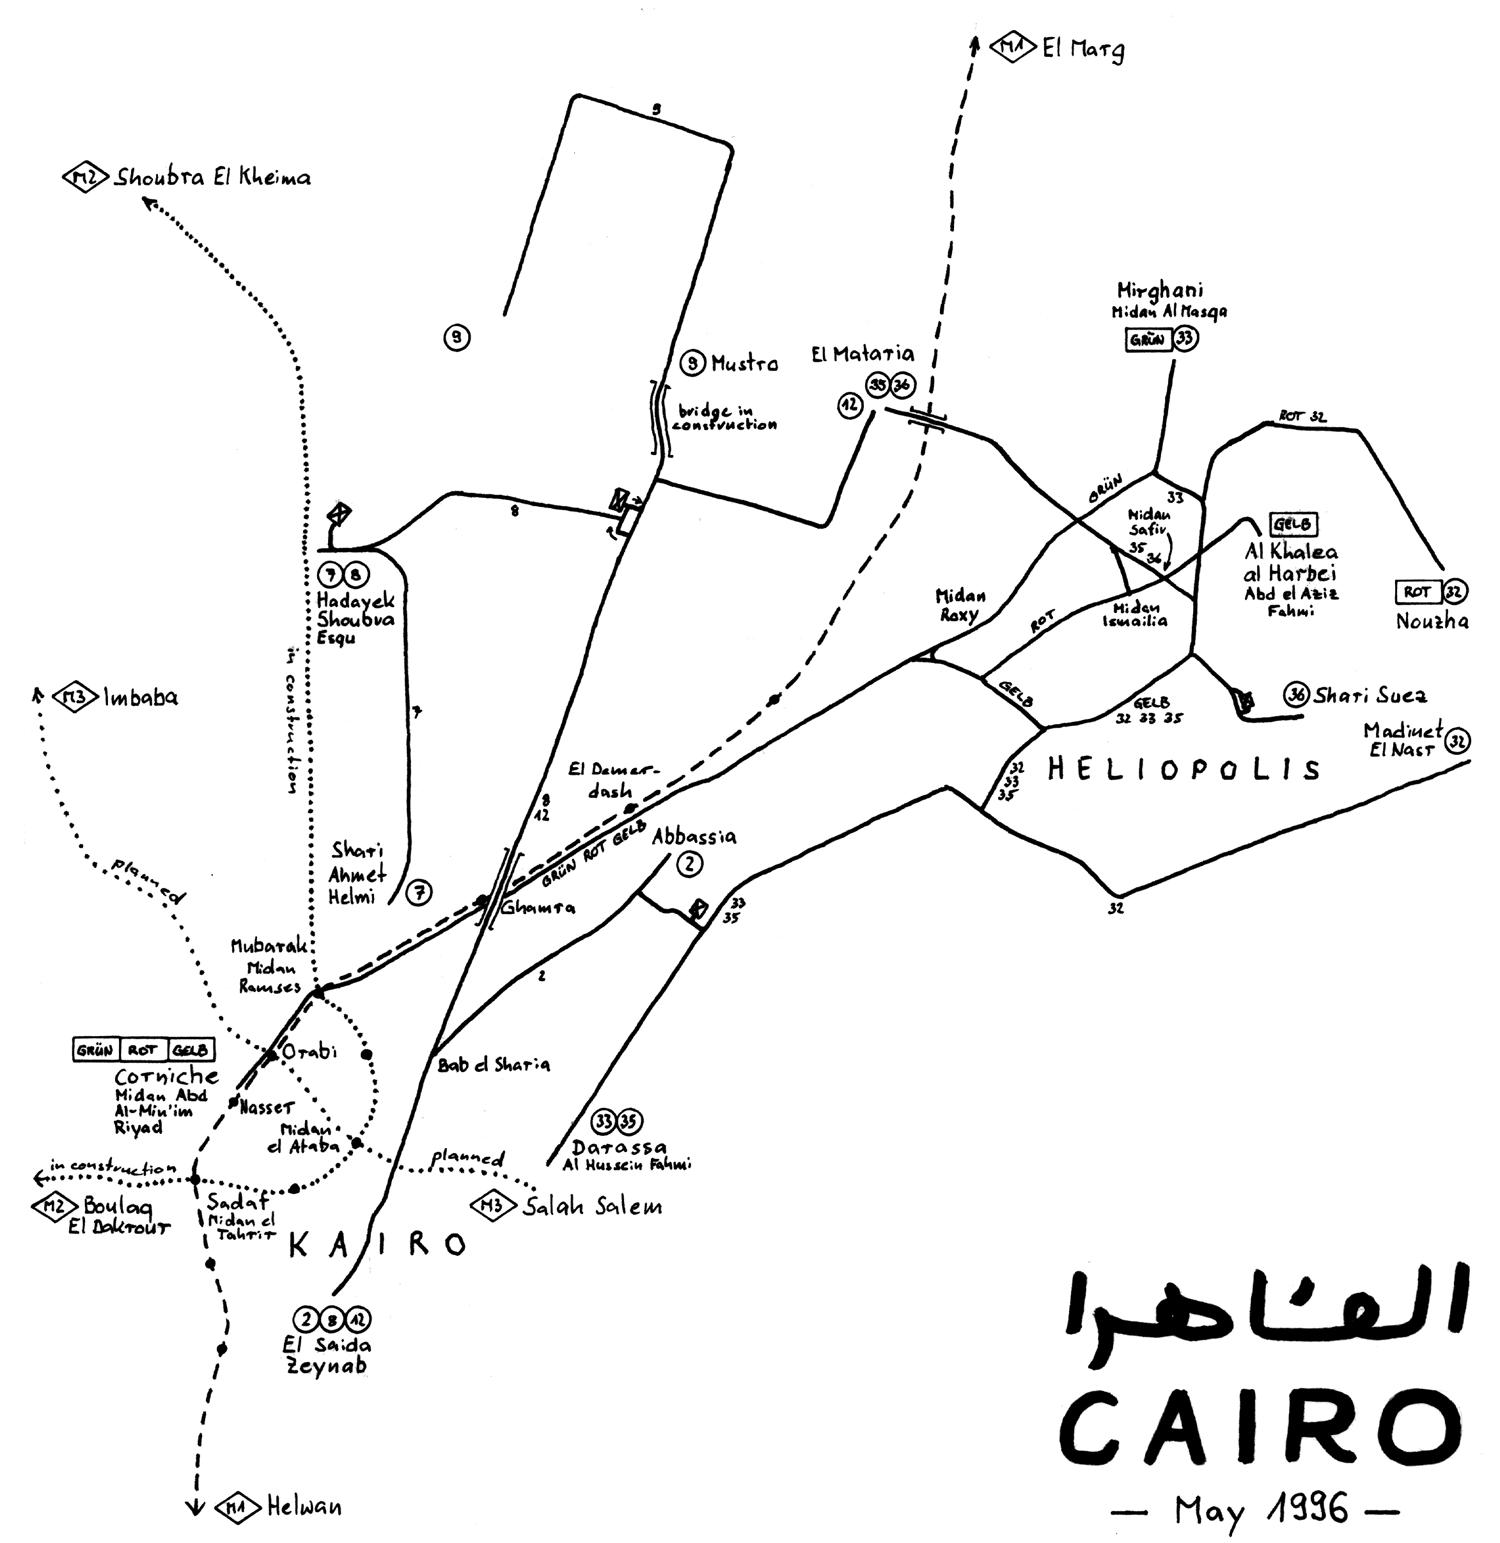 Strassenbahnnetzplankairo1996 large map